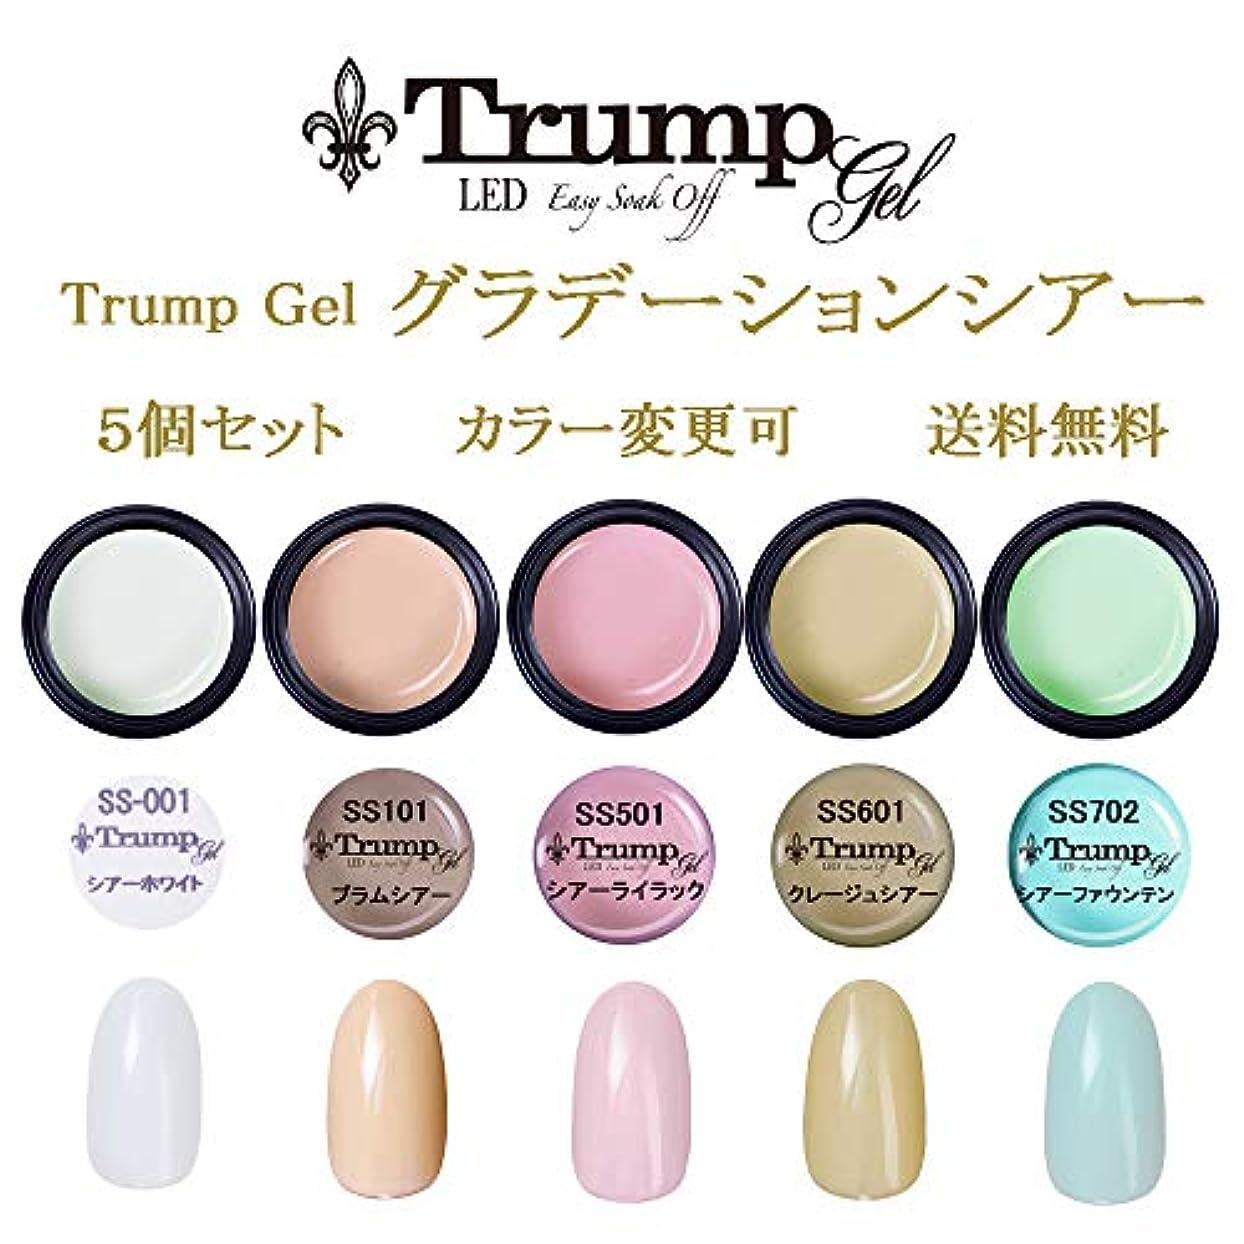 ランダム緑先入観日本製 Trump gel トランプジェル グラデーション シアーカラー 選べる カラージェル 5個セット ホワイト ベージュ ピンク イエロー ブルー